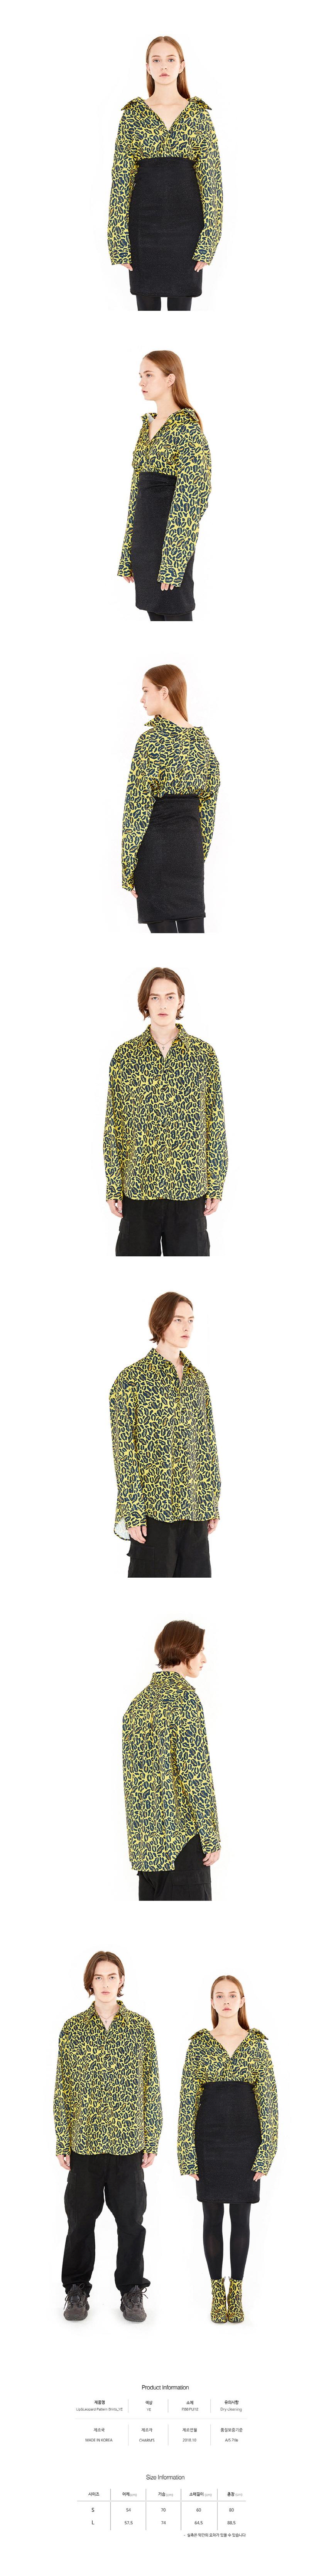 Lip&Leopard Pattern Shirts.jpg